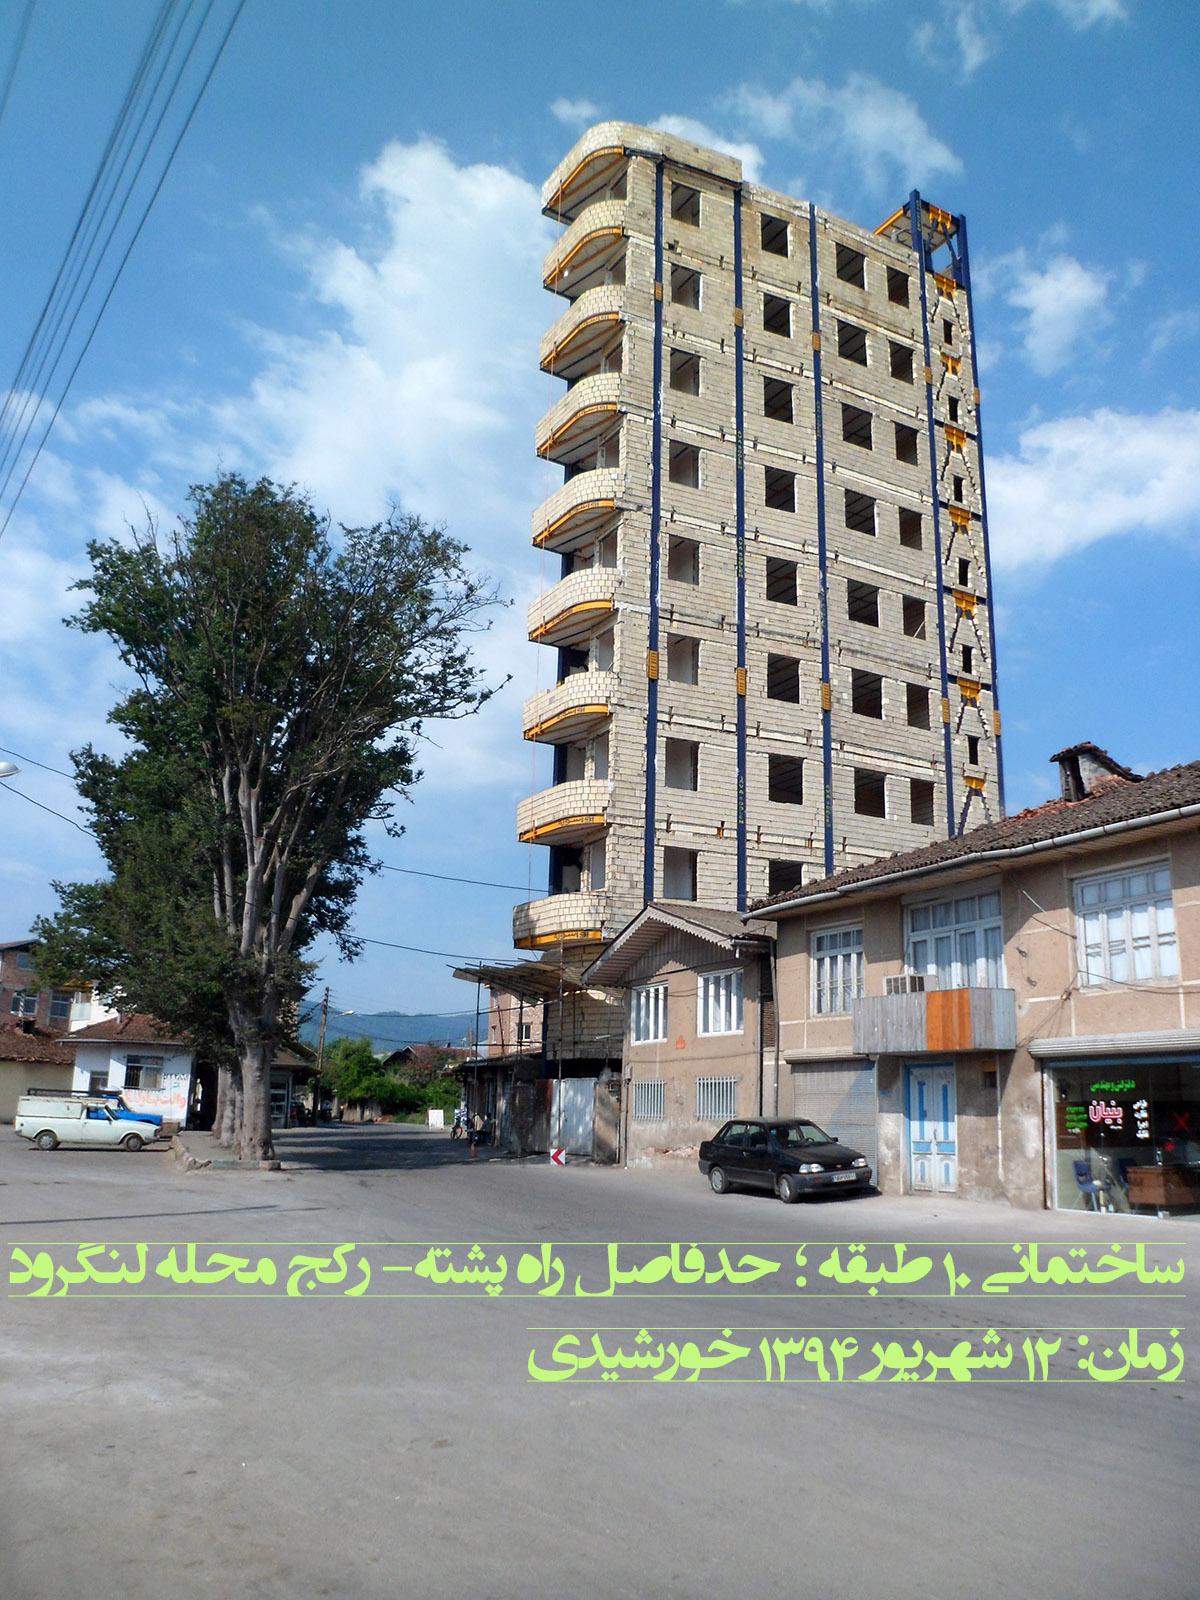 عکس ساختمان ده طبقه در حدفاصل راه پشته به رکج محله لنگرود در اندازه بزرگ